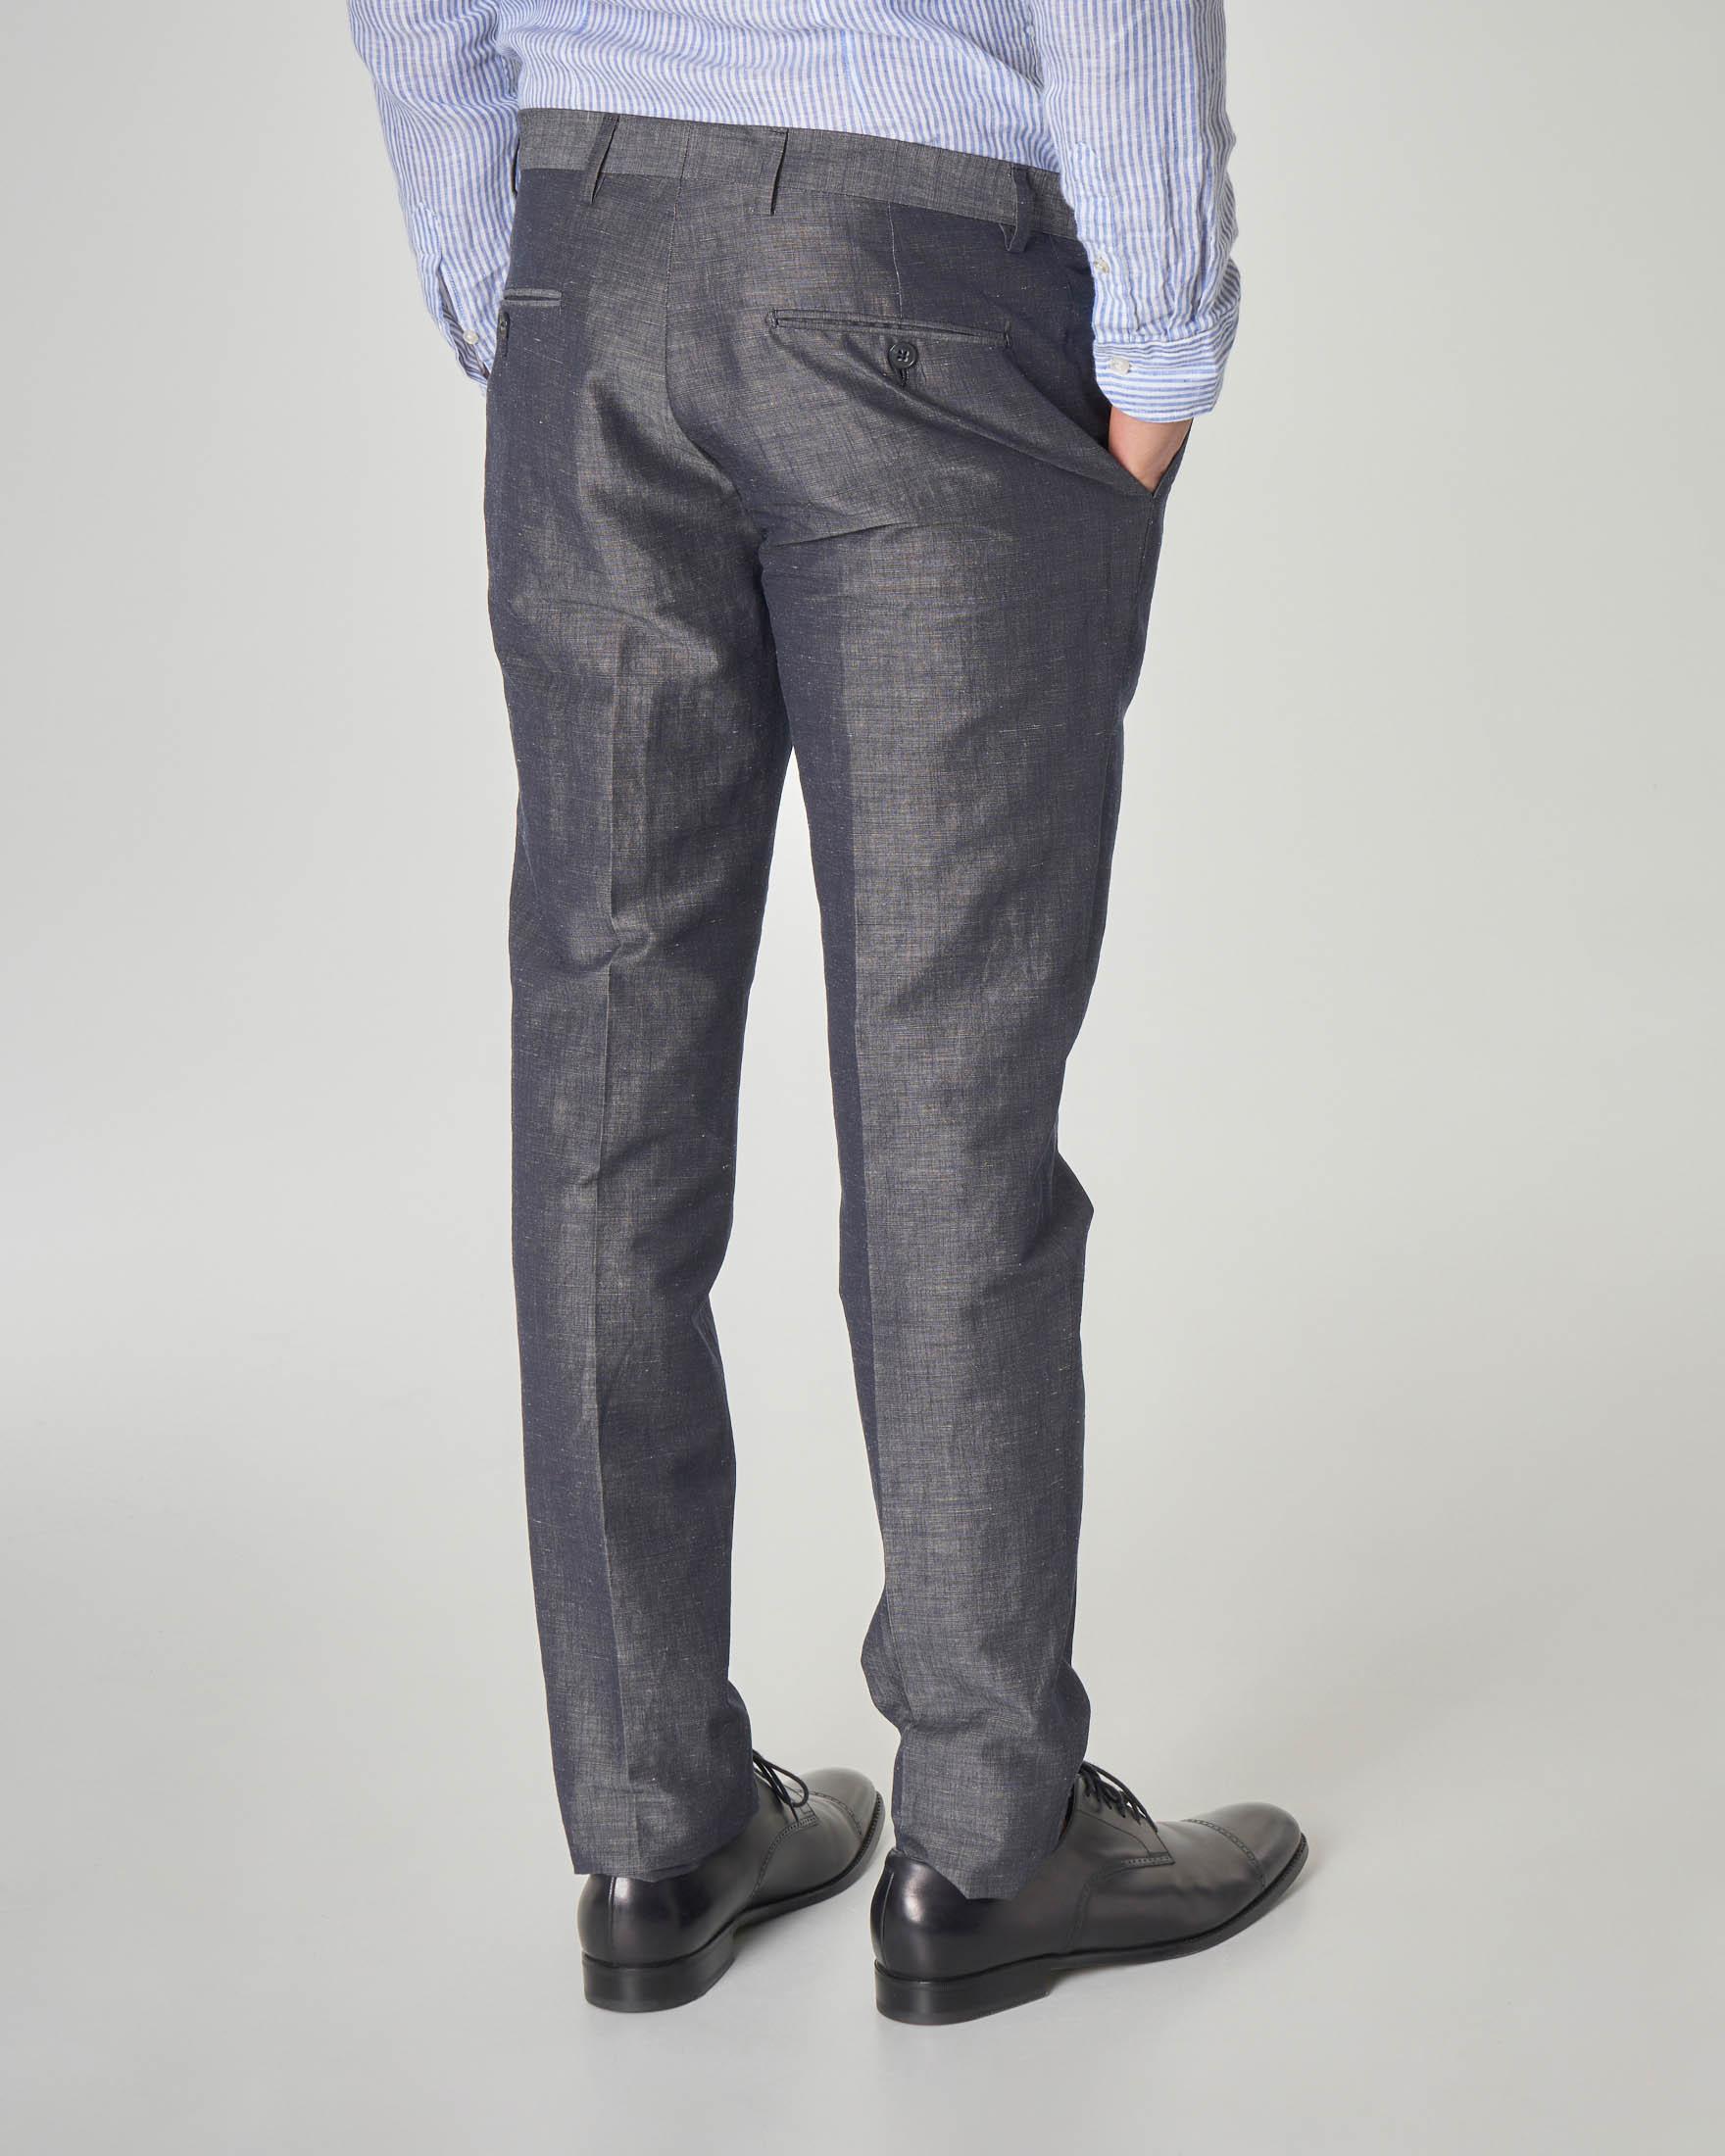 9850d10526 Abbigliamento da Uomo: scopri tutti i Modelli | Pellizzari